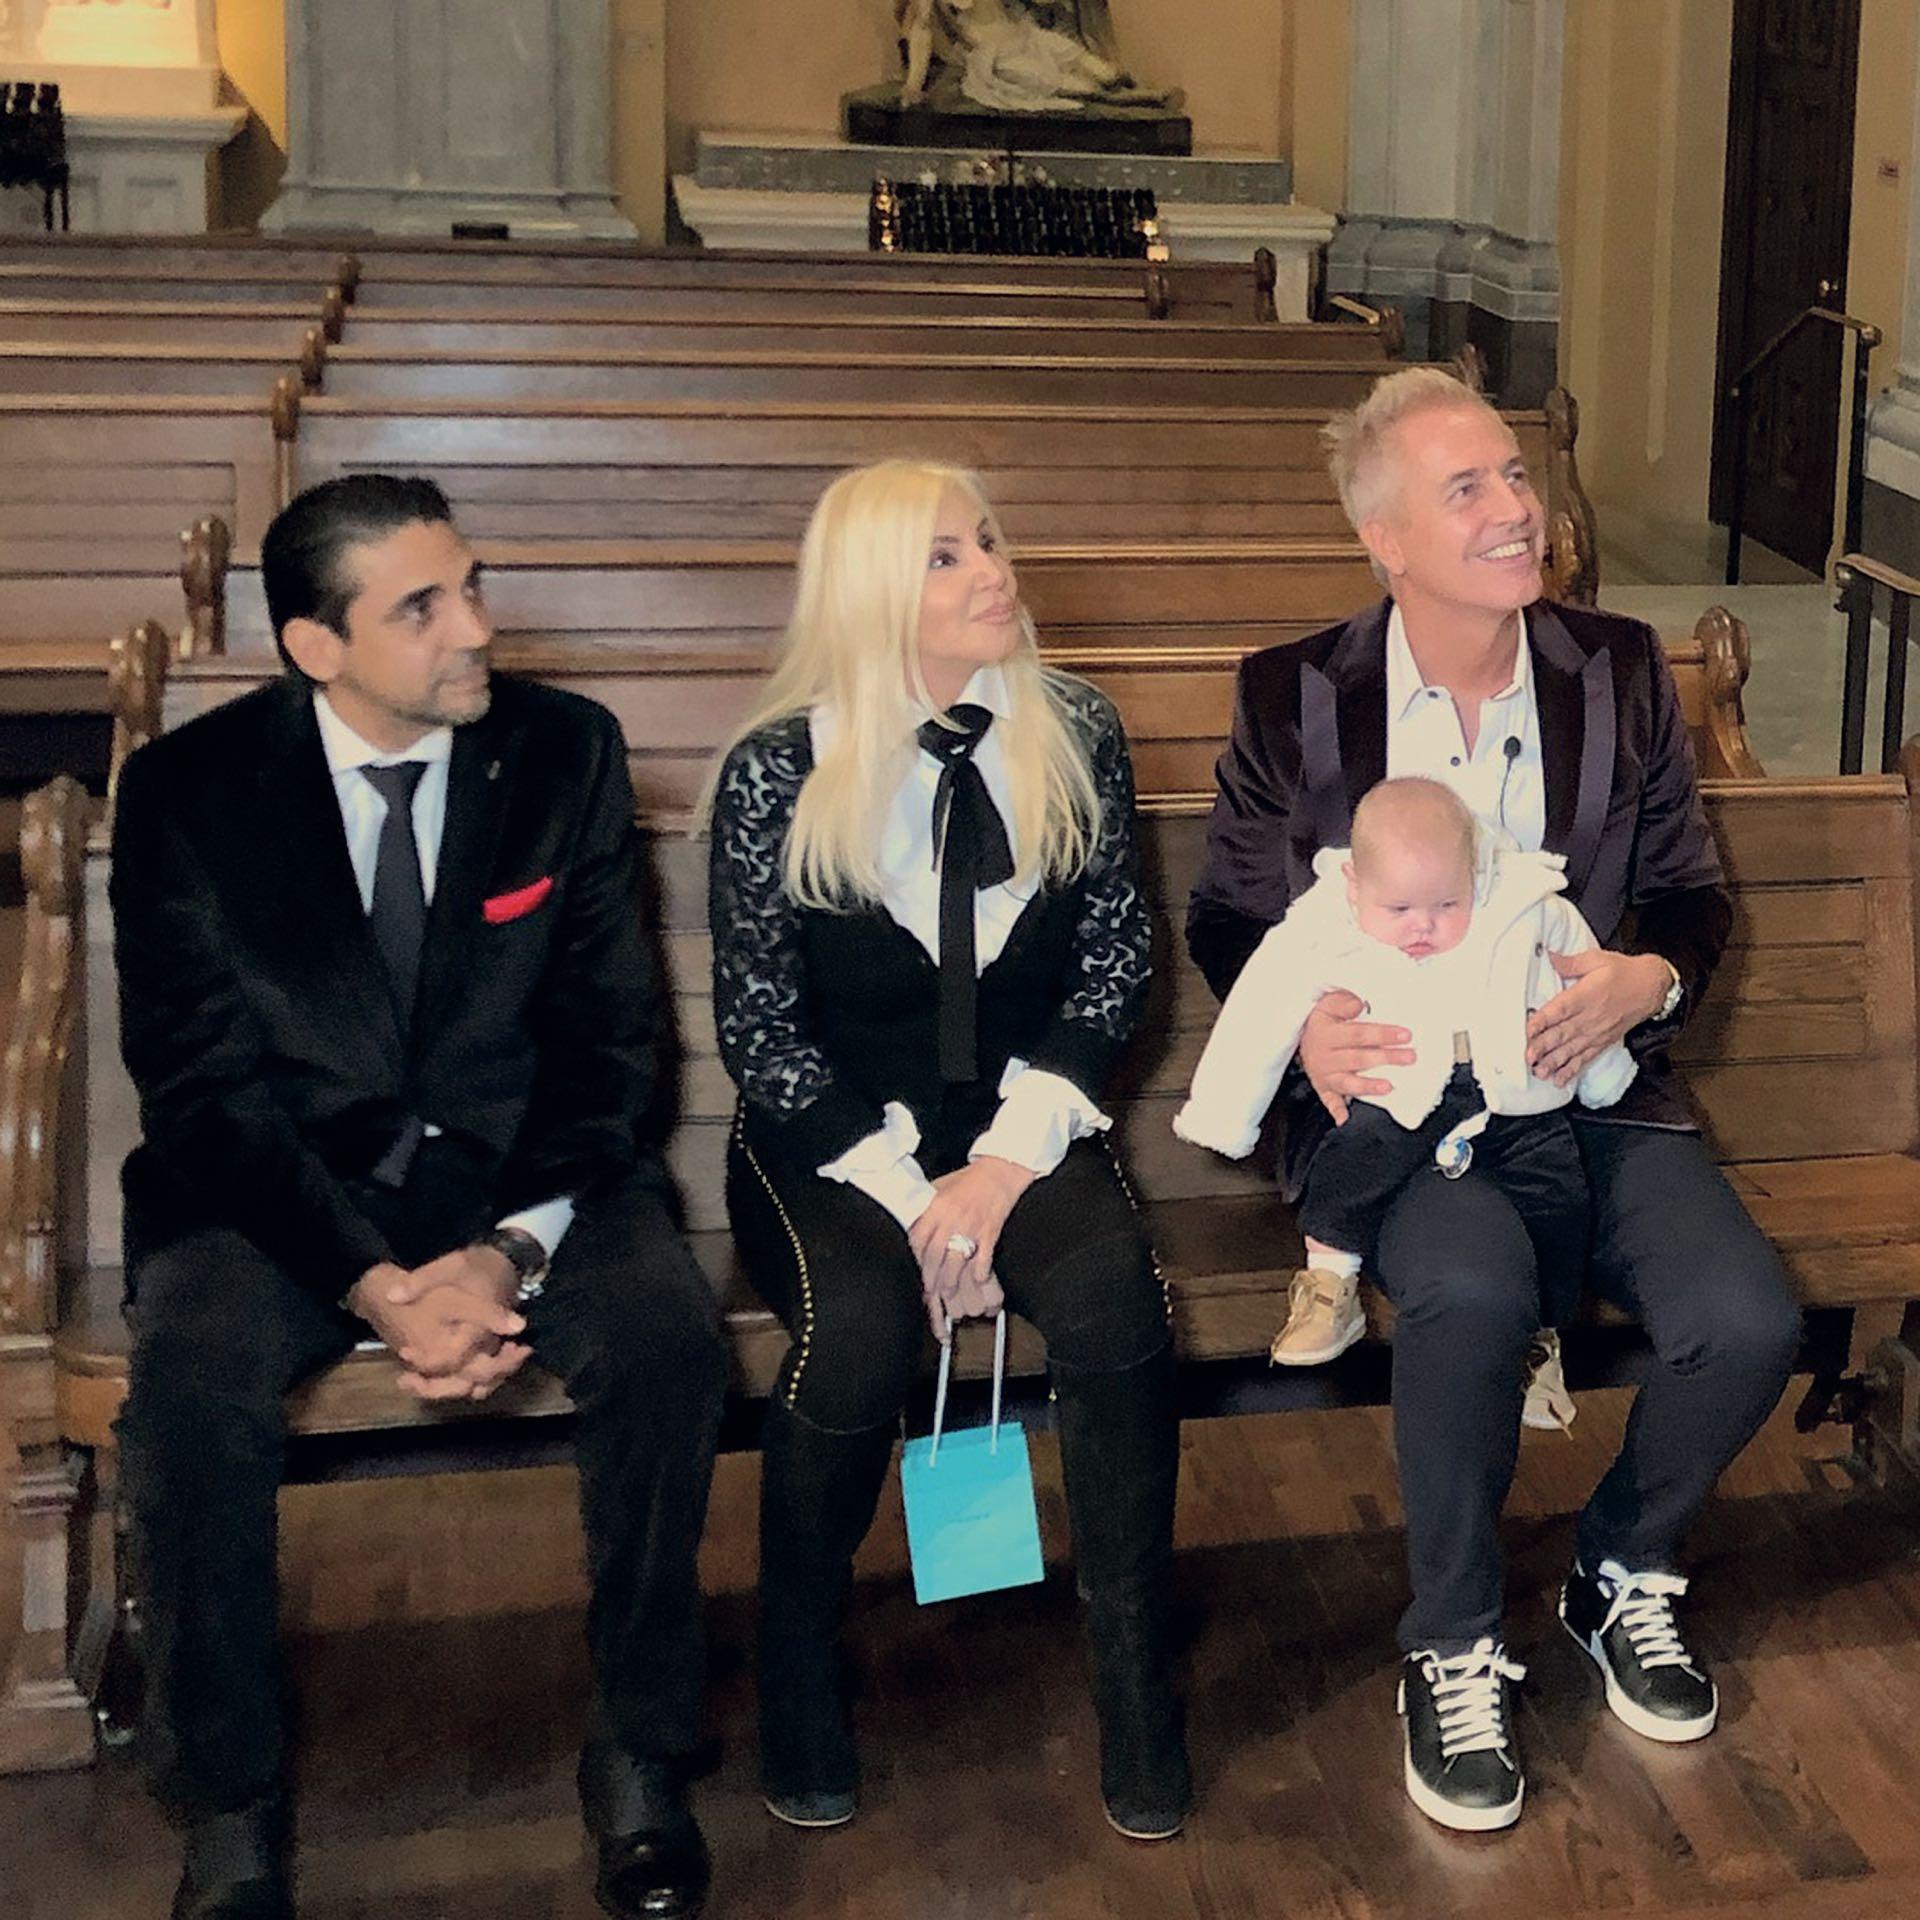 Coco Fernández, Susana Giménez y Marley se emocionaron con las palabras del padre Daniel. Mirko se durmió minutos antes de acercarse a la pila bautismal.